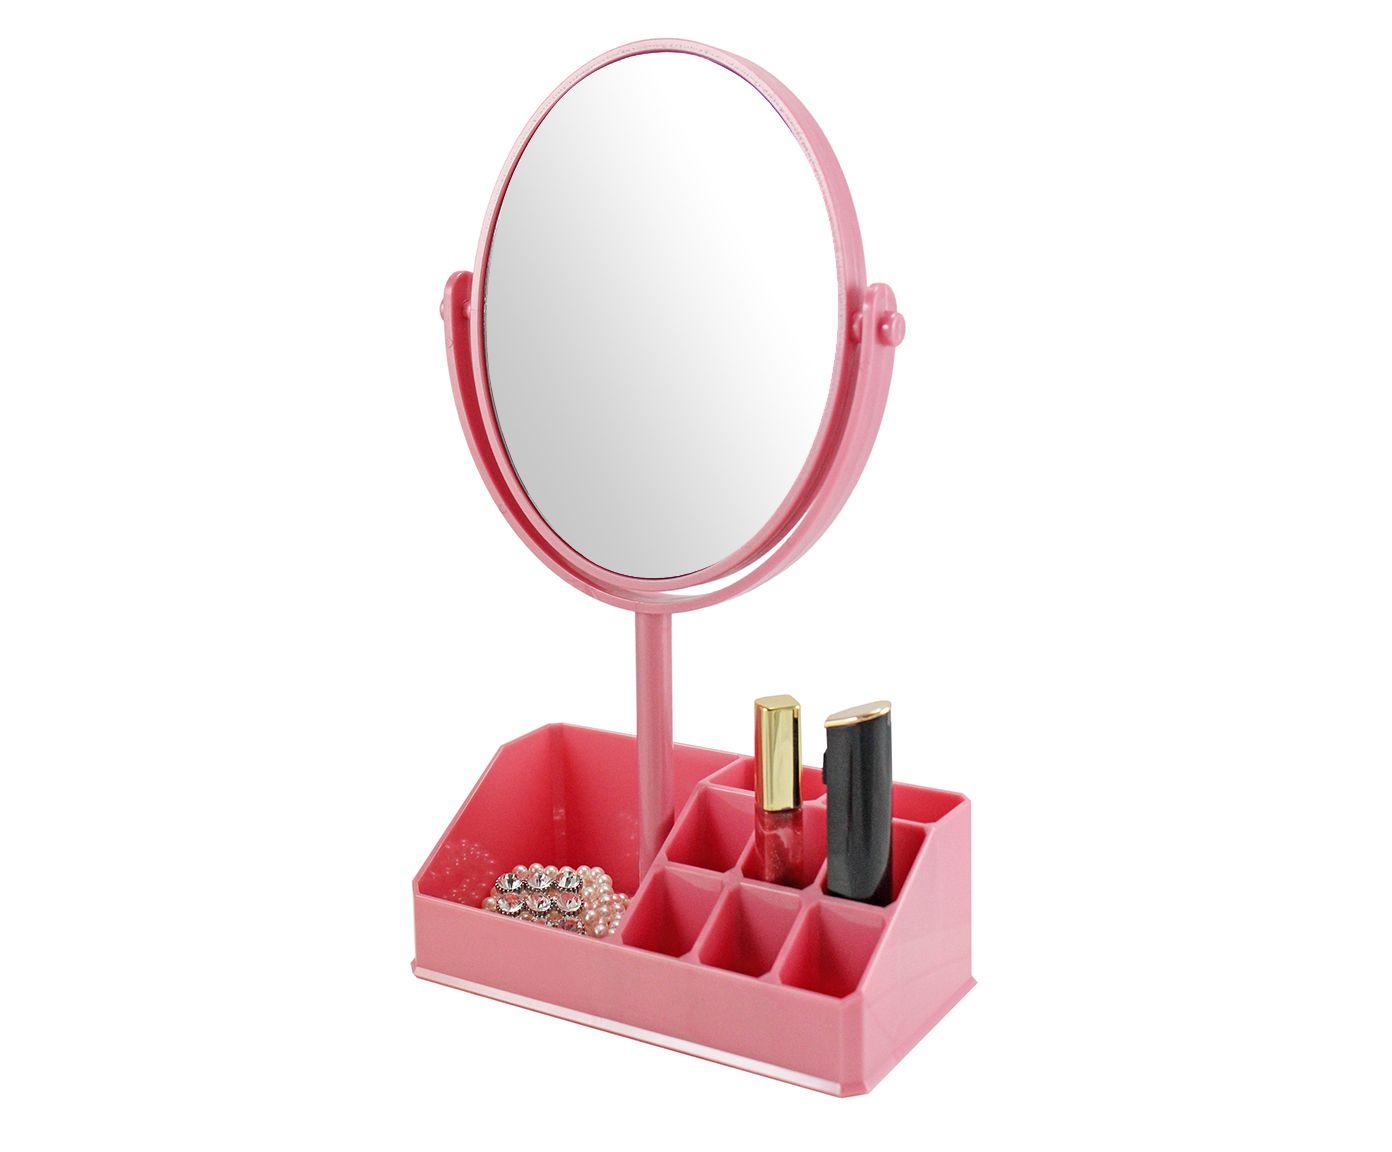 Espelho de Mesa com Divisórias Salim Rosa - 16,5X16,5cm | Westwing.com.br